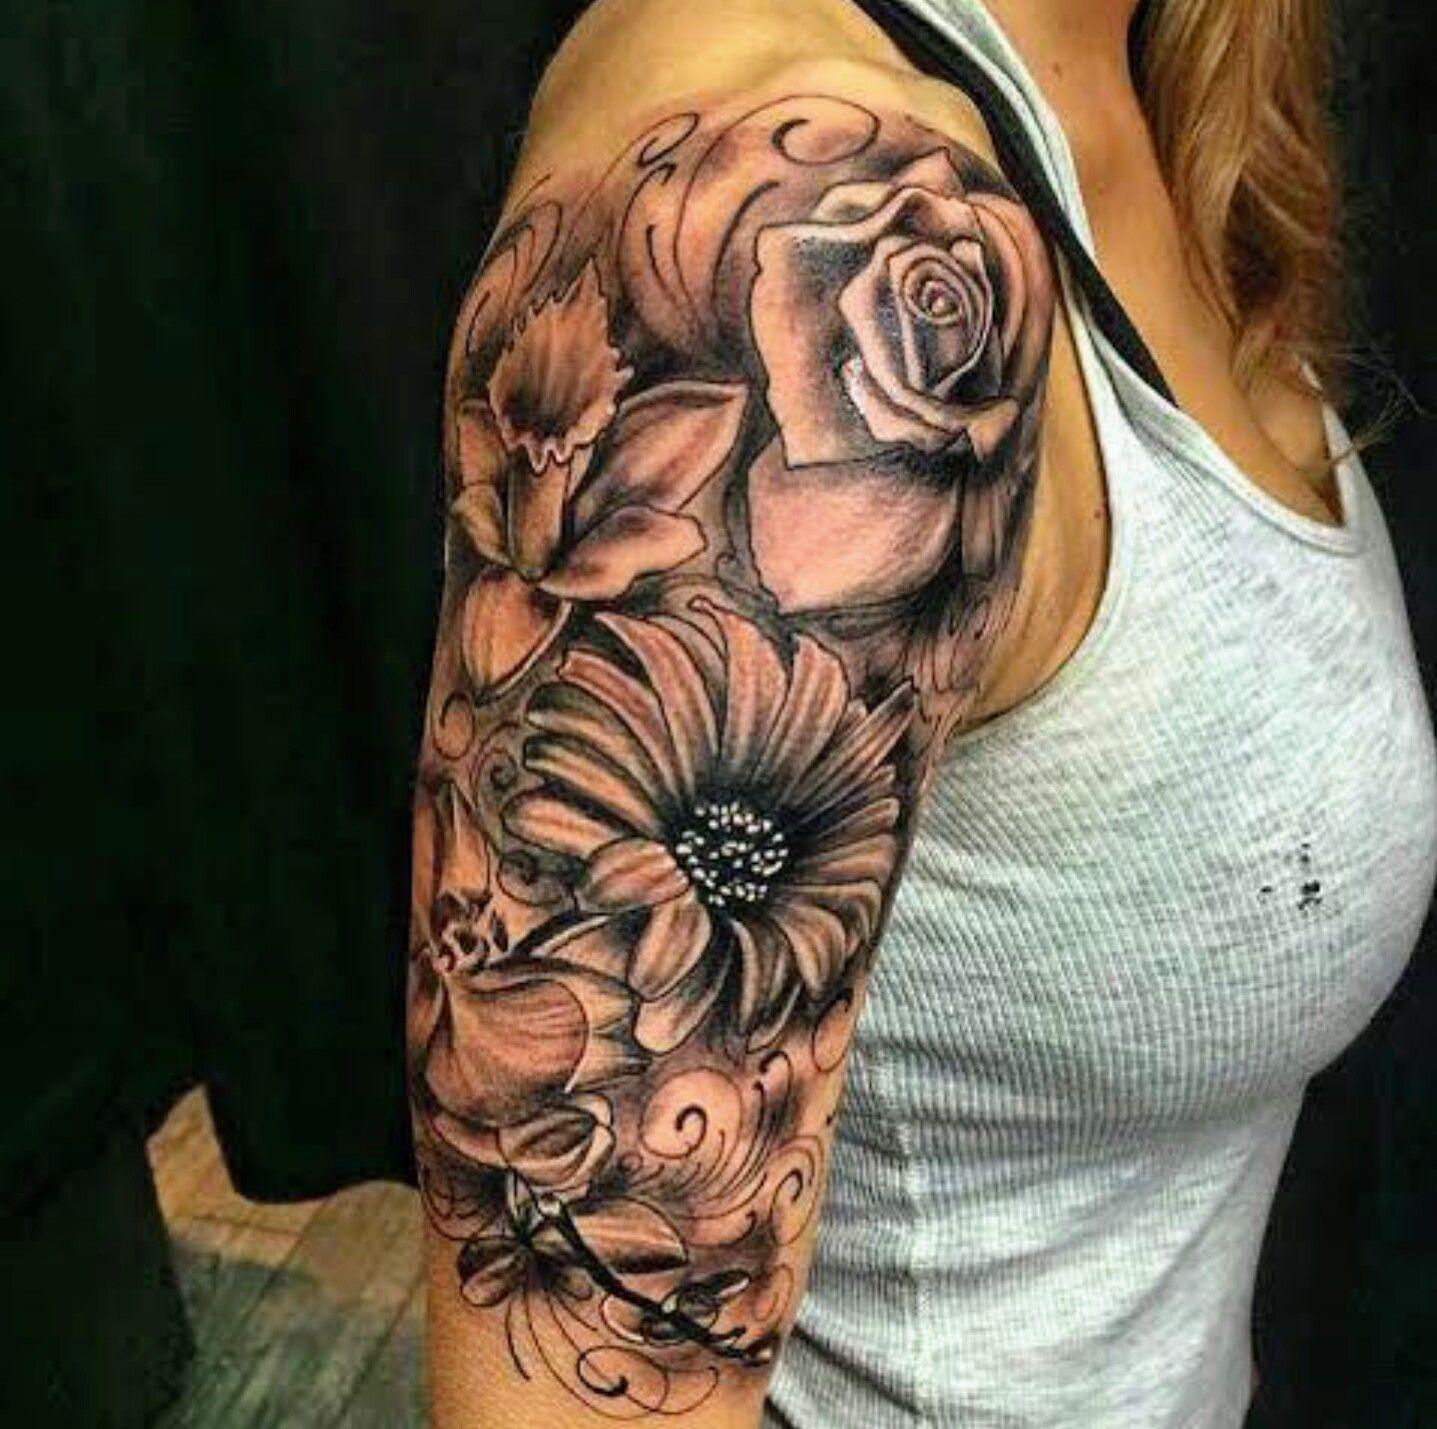 Pin By Dreama Pinson On Tattoos In 2020 Tattoo Shading Lillies Tattoo Tattoos